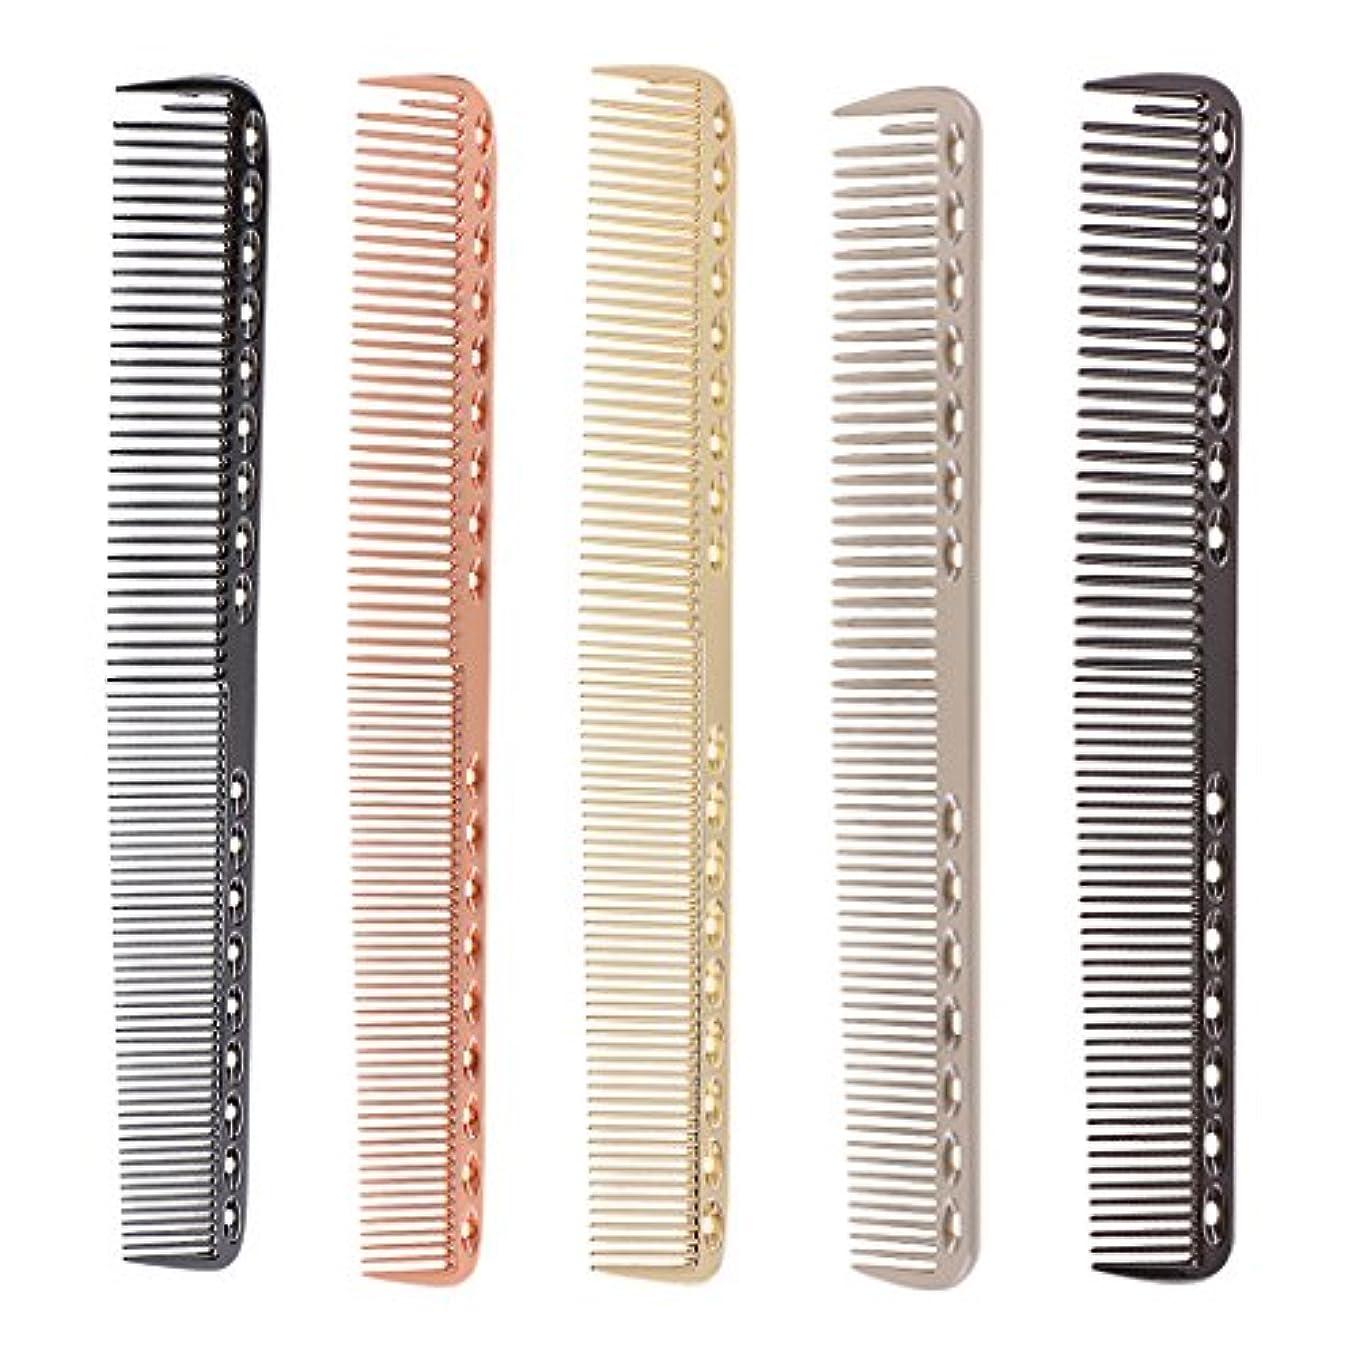 エゴマニアソブリケットインタフェースKesoto 5個入り 髪の櫛 櫛 超軽量 アルミ サロン 理髪師 ヘアカット ヘアカッティング